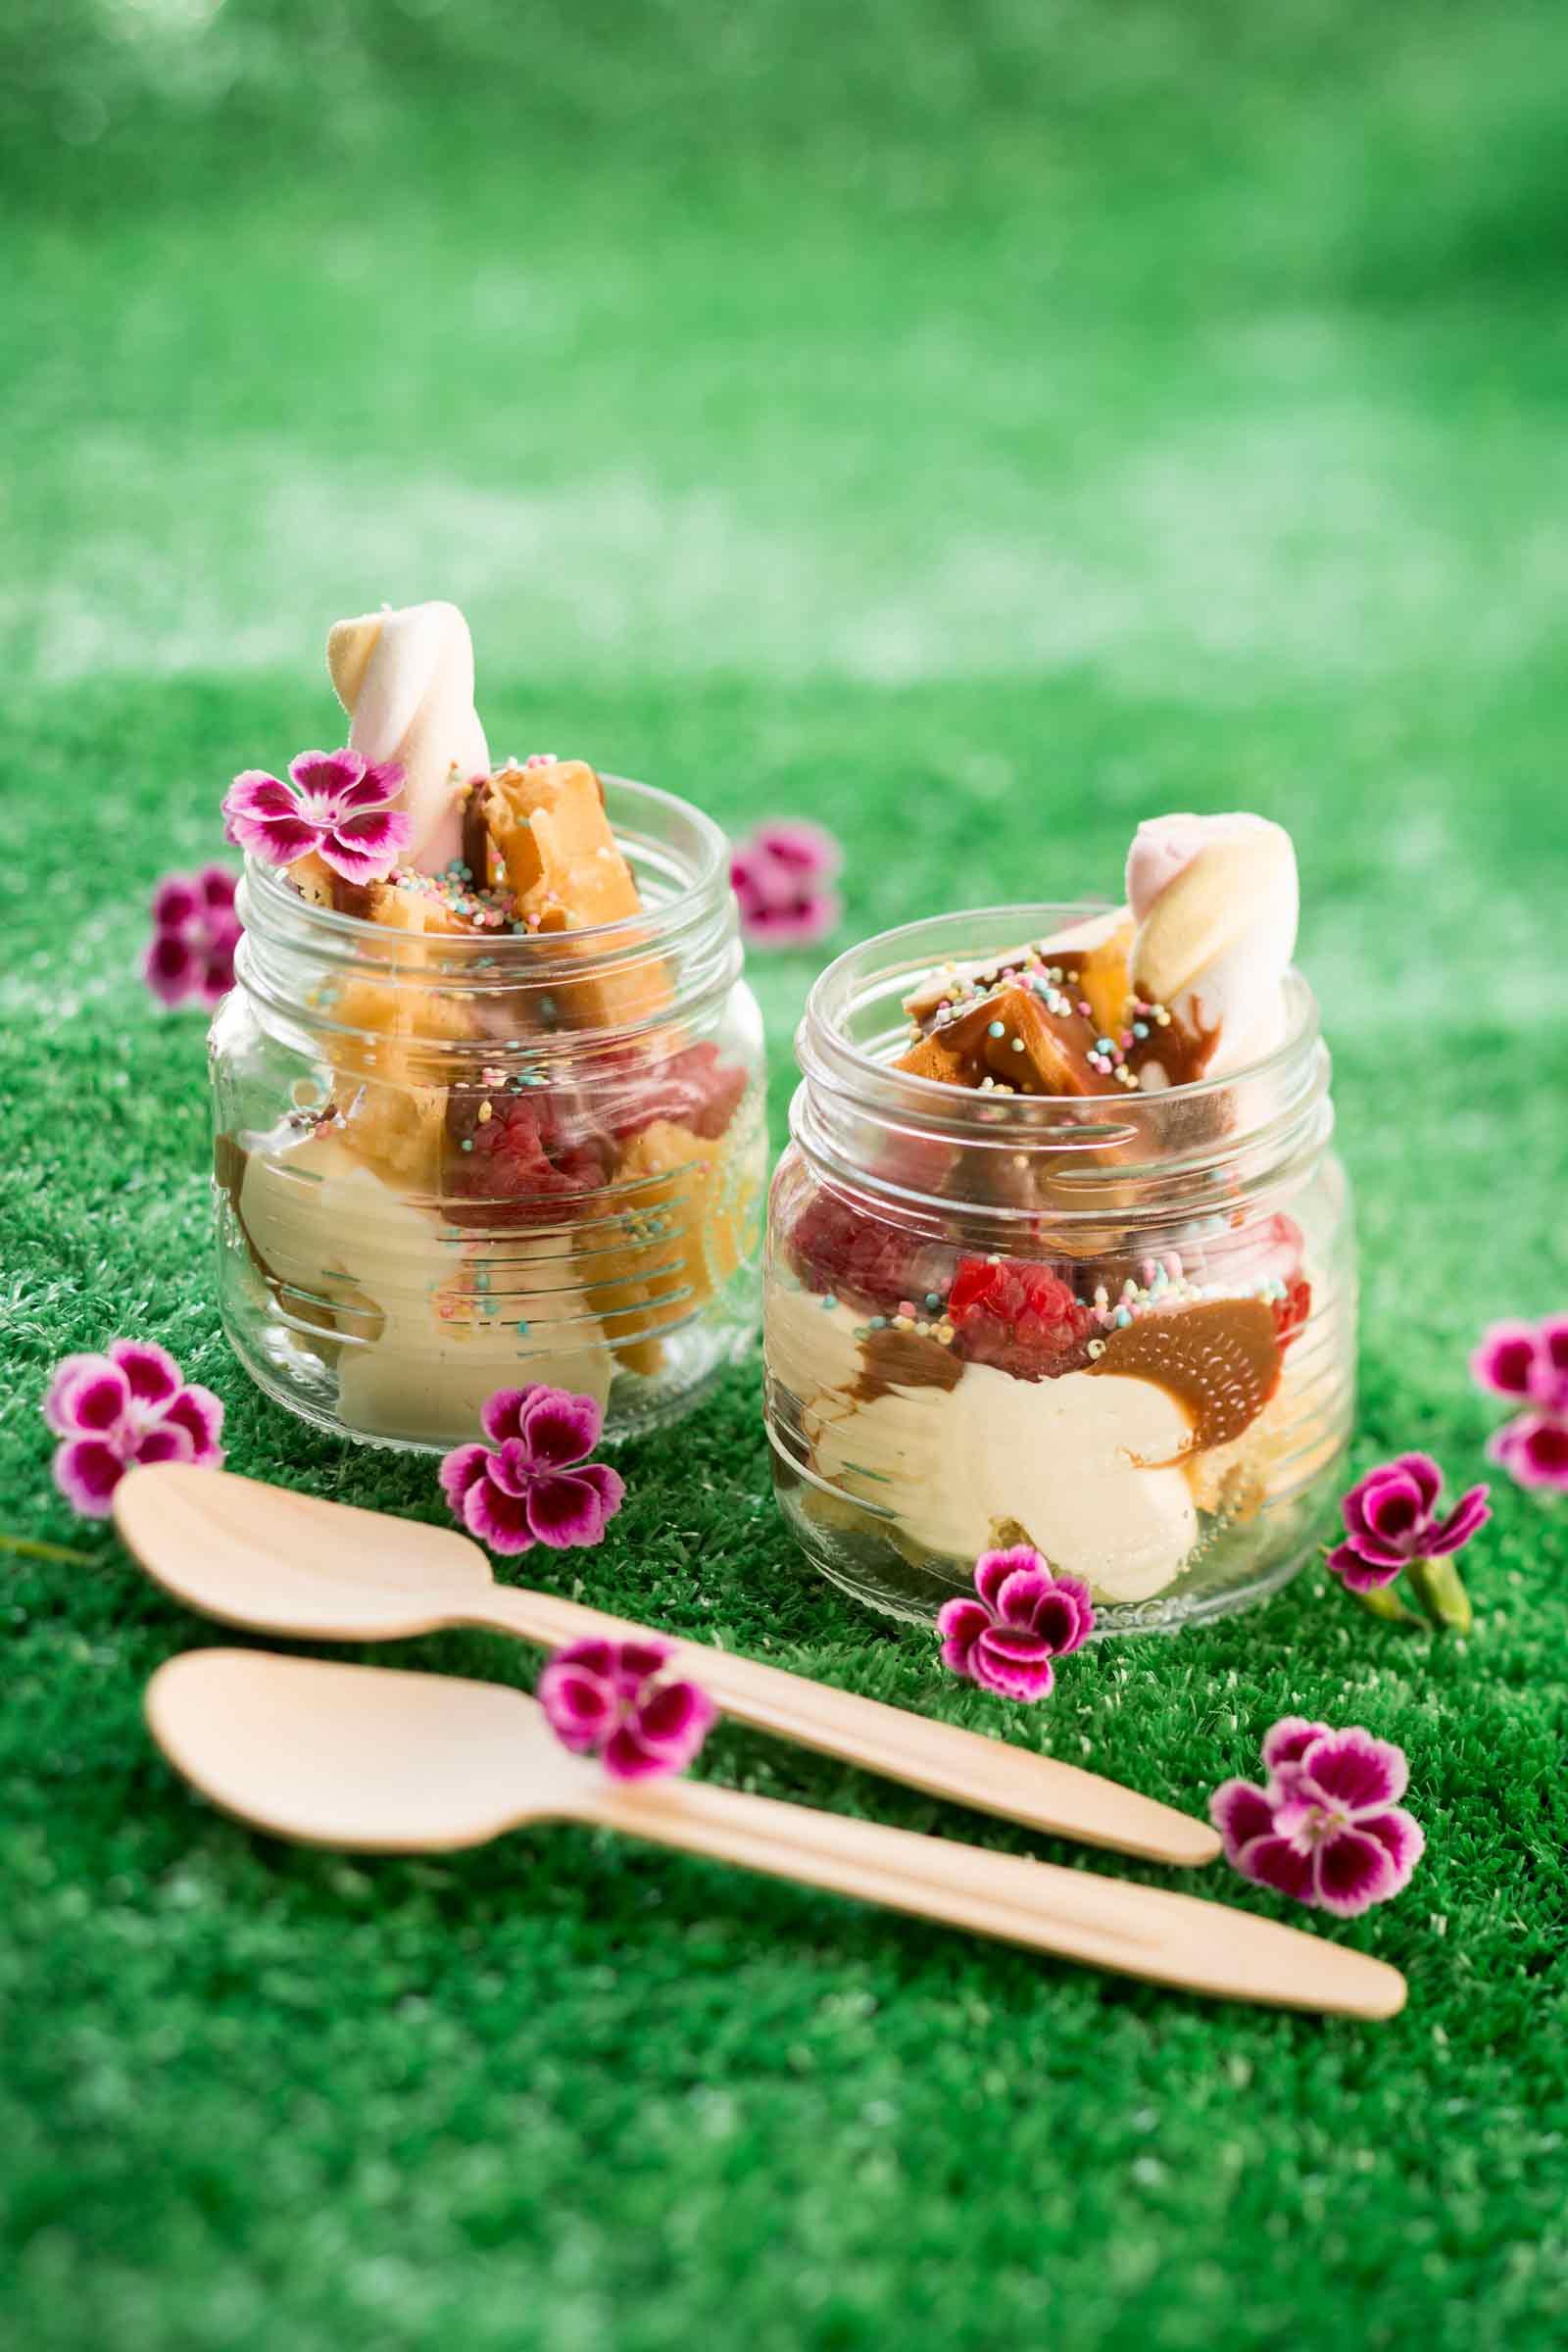 Vohveli-vaahtokarkki-herkkupurkit on helppo jälkiruoka äitienpäiväksi.